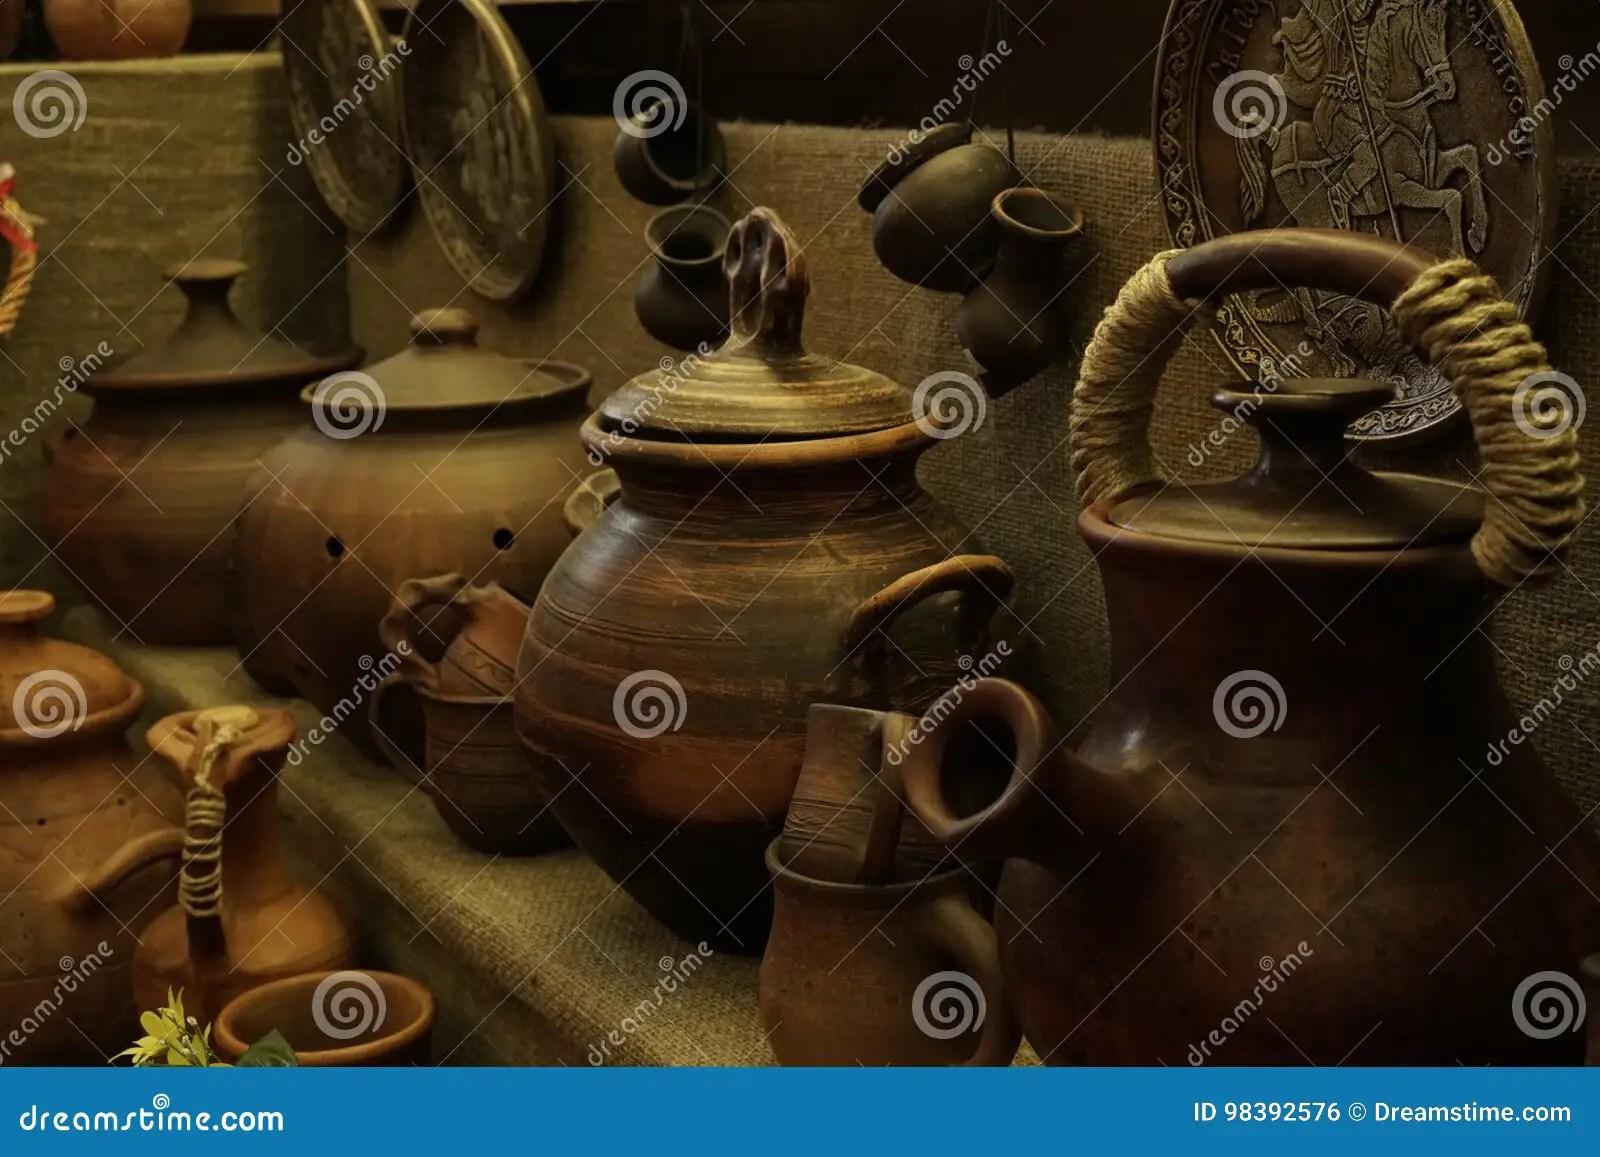 kitchen aid ovens cabinets prices 古色古香的器物 罐和杯子 厨房辅助部件库存照片 图片包括有手工 夏天 厨房辅助部件